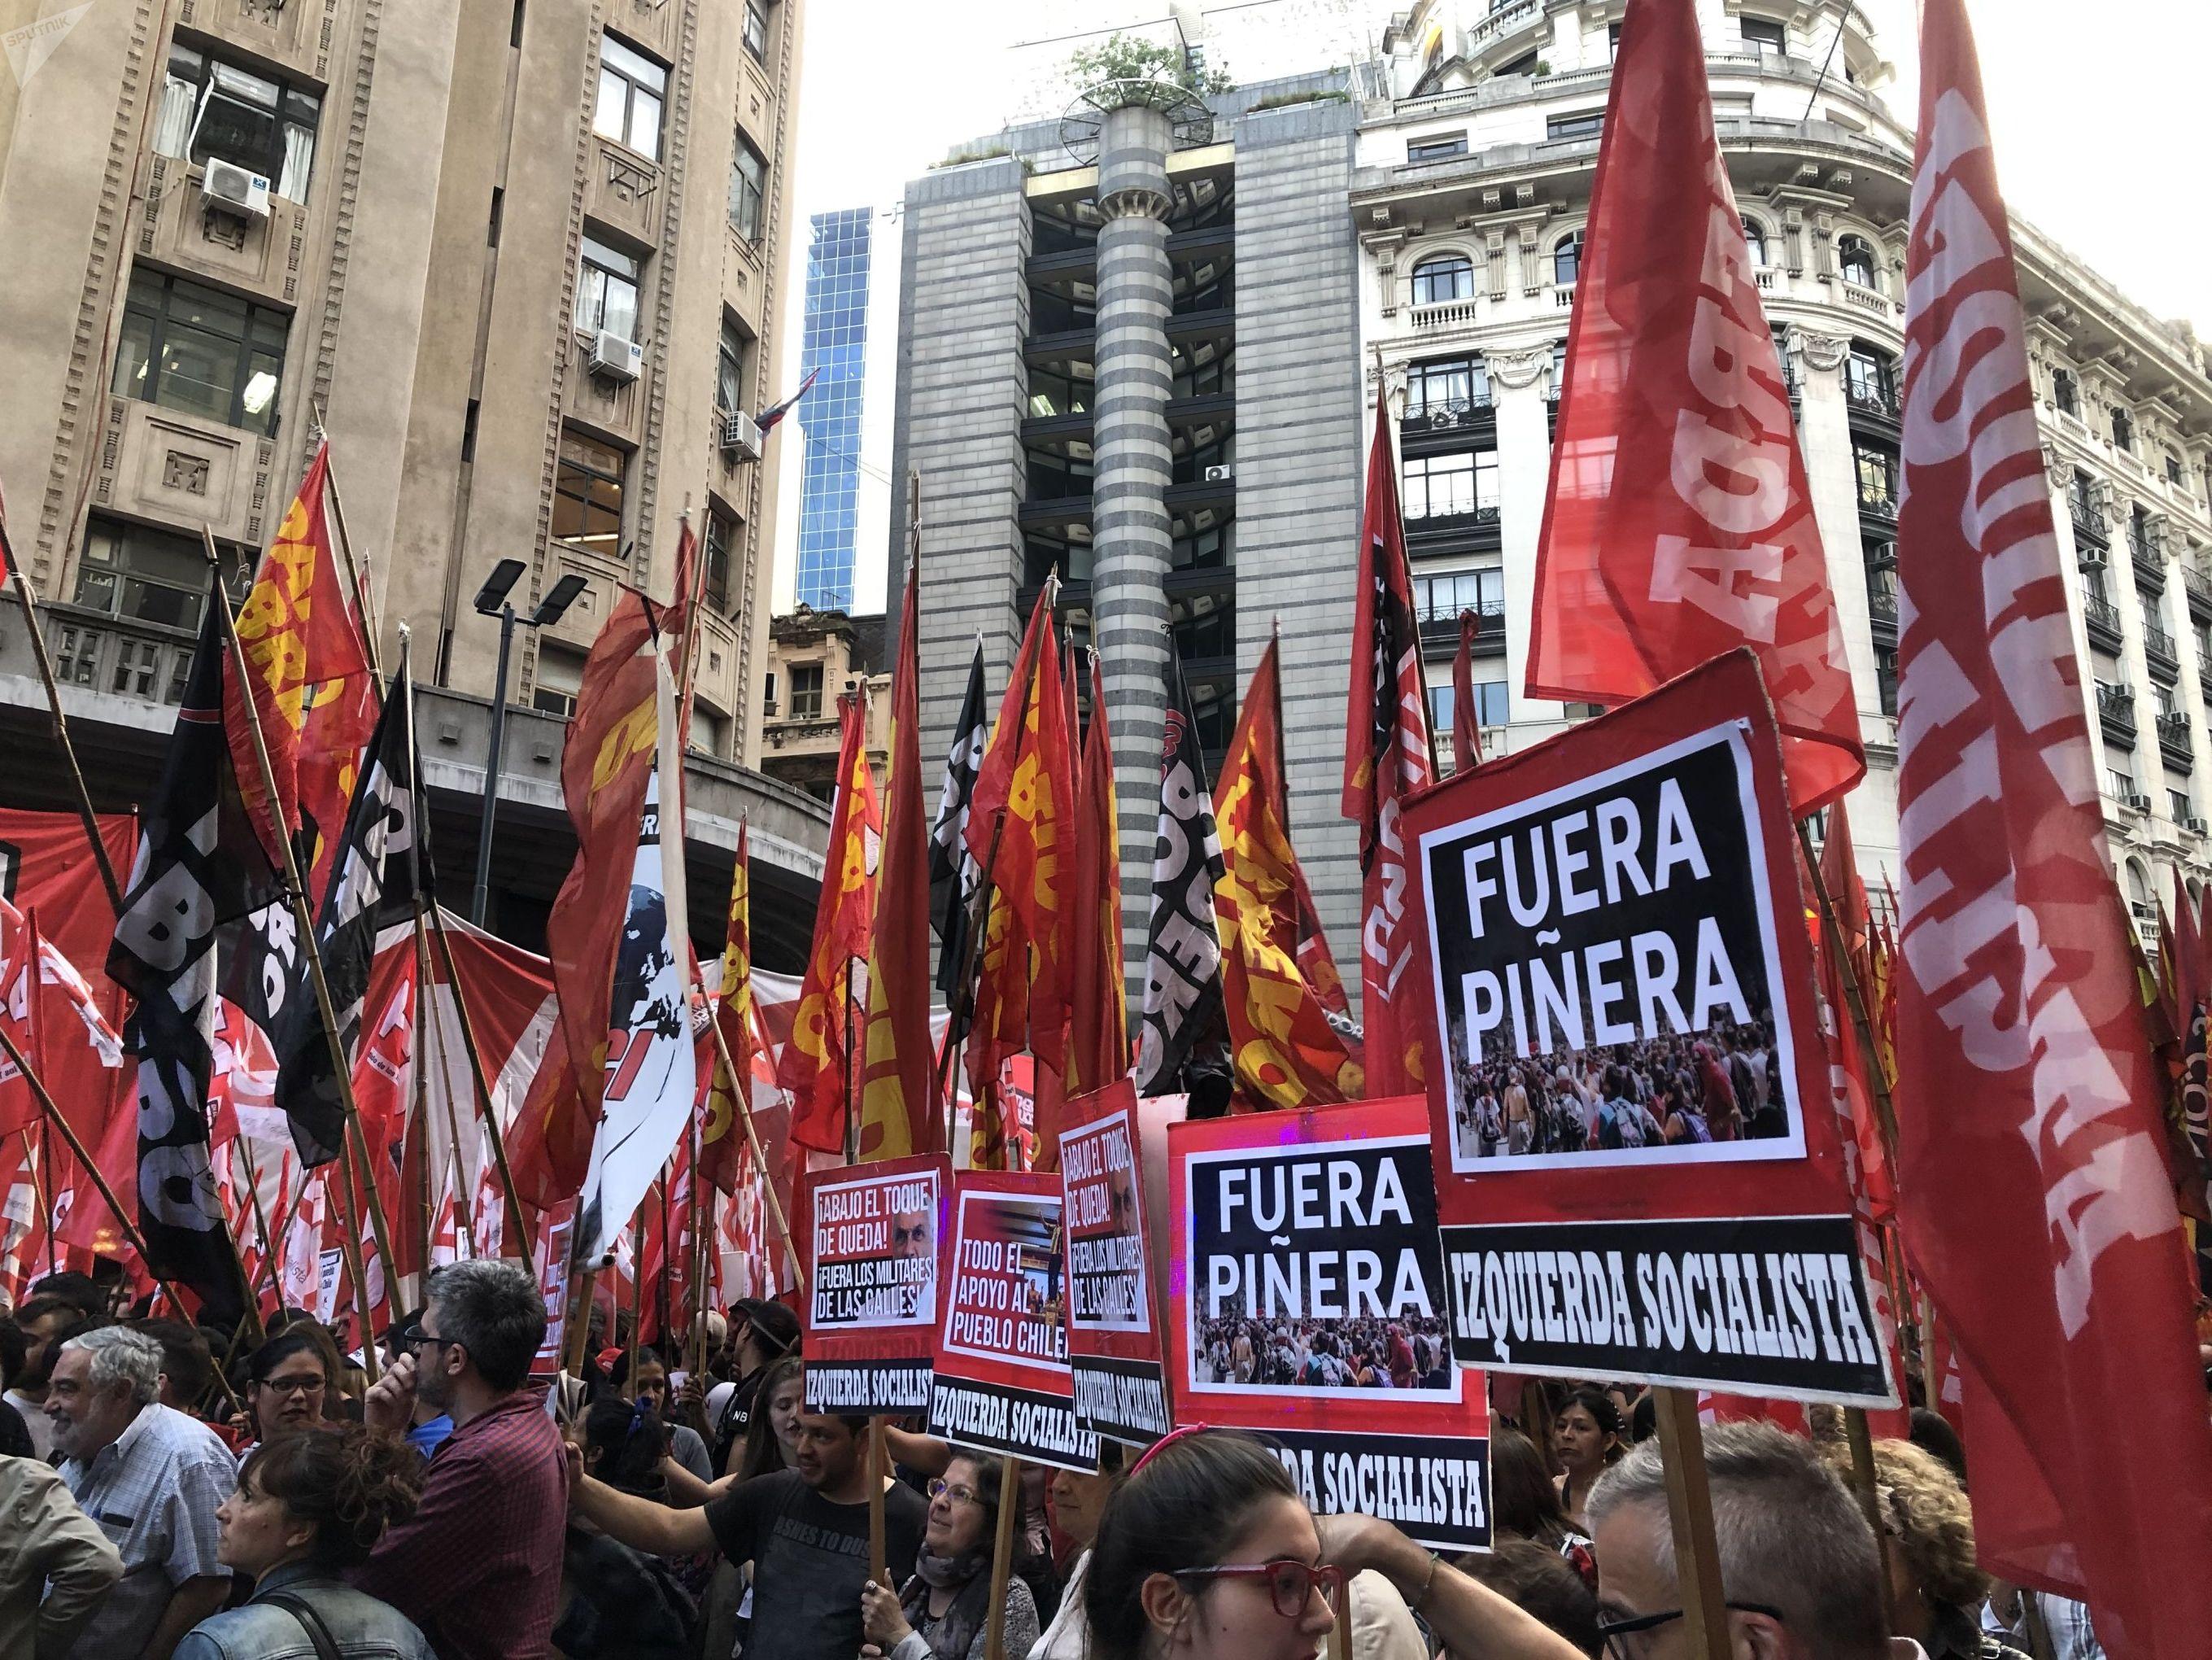 Protesta contra Sebastián Piñera en Chile